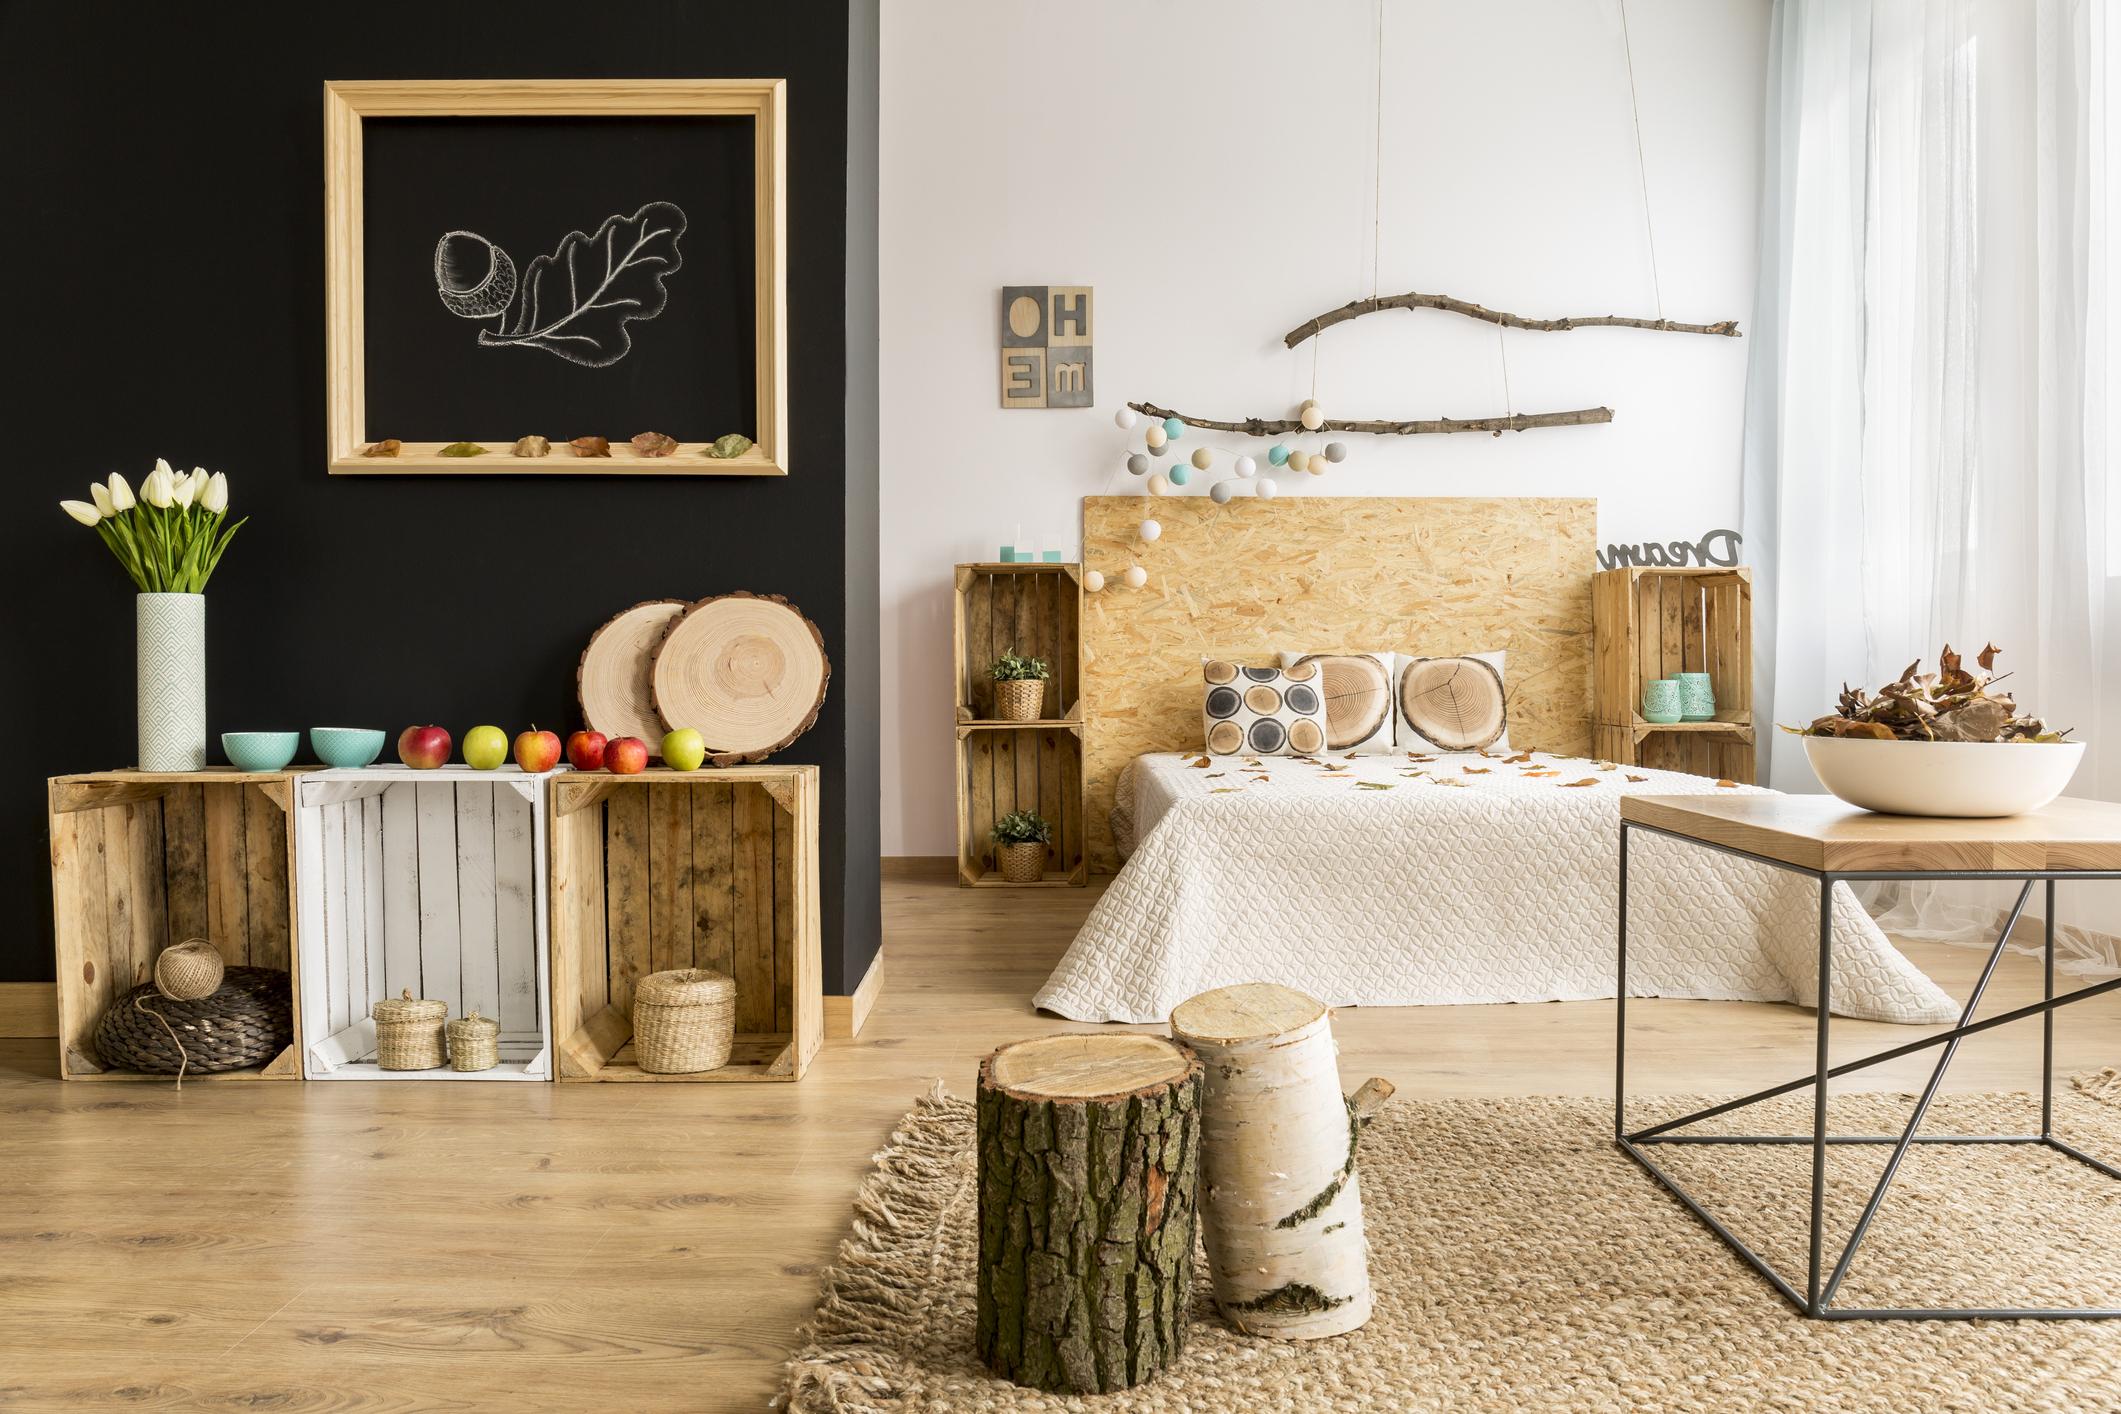 Tiendas De Muebles En asturias 9fdy Bienvenido A Casa Otoà O Mobelpark Tienda De Muebles asturias